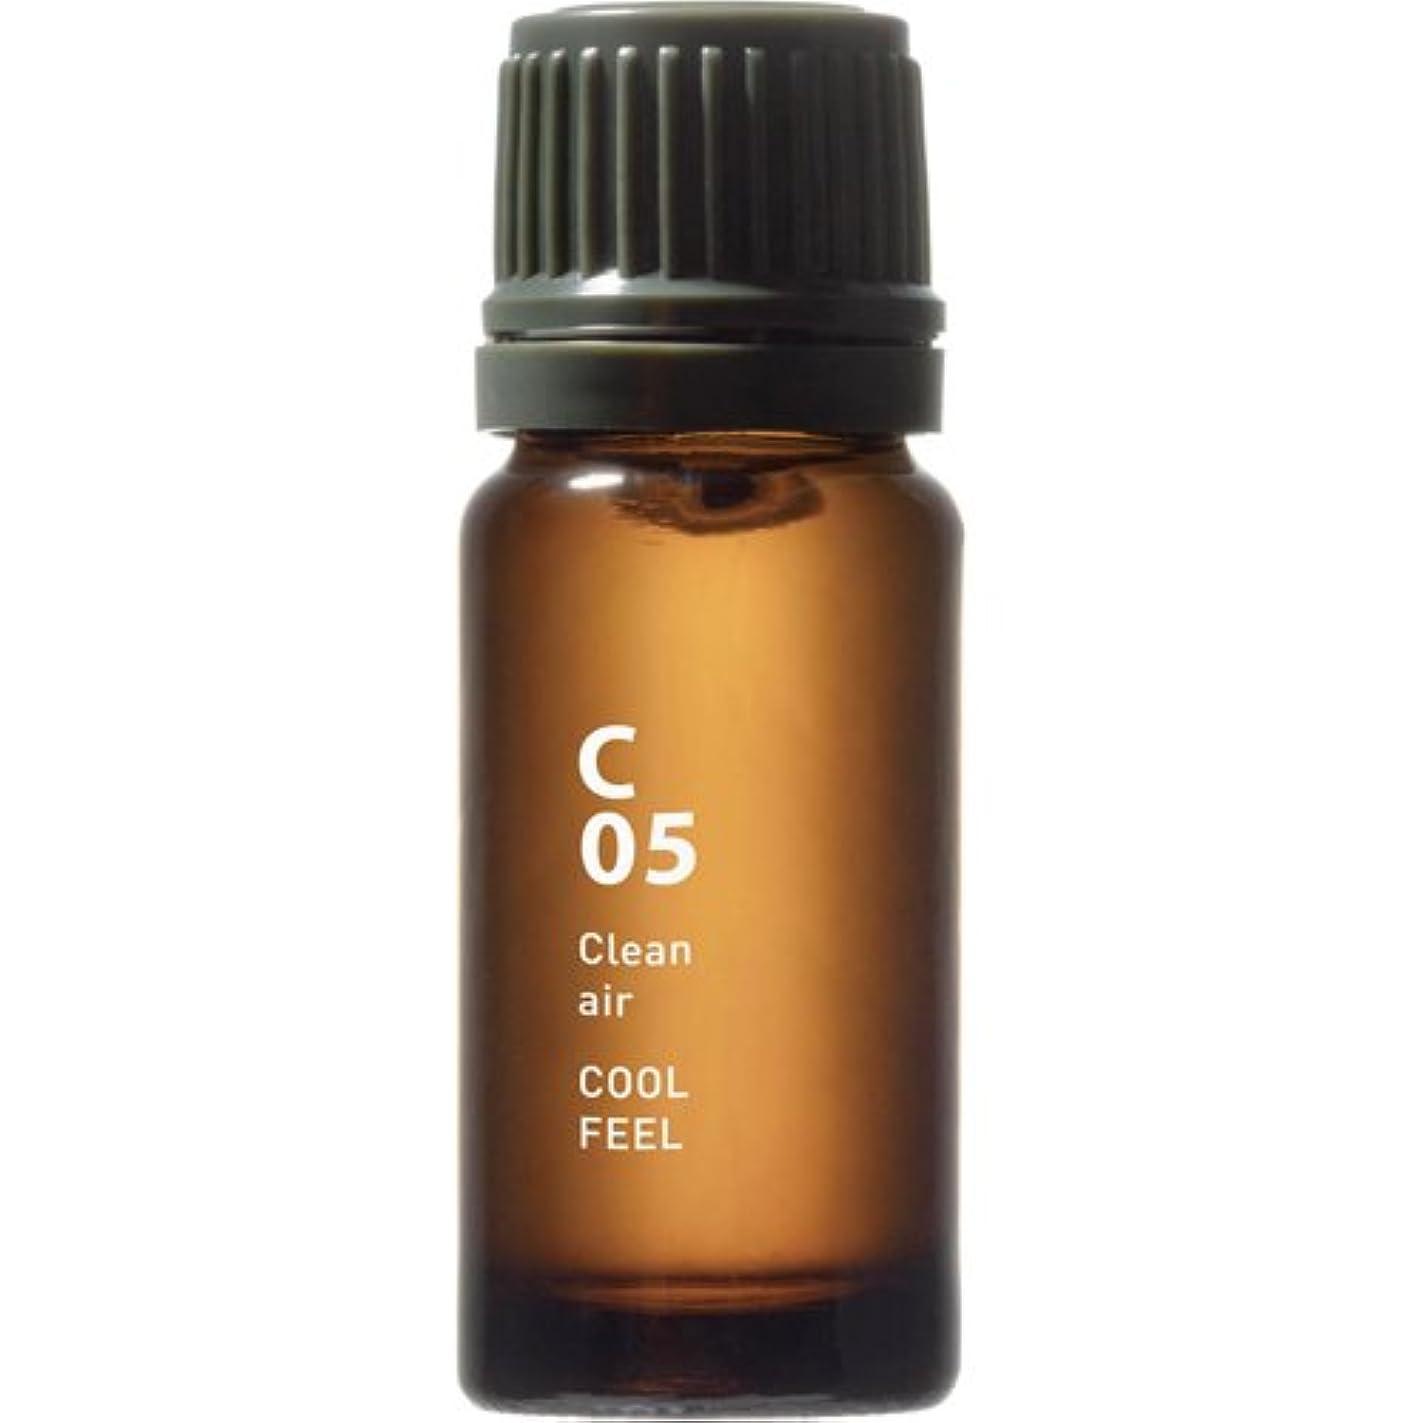 痛みバルクデコードするC05 COOL FEEL Clean air 10ml